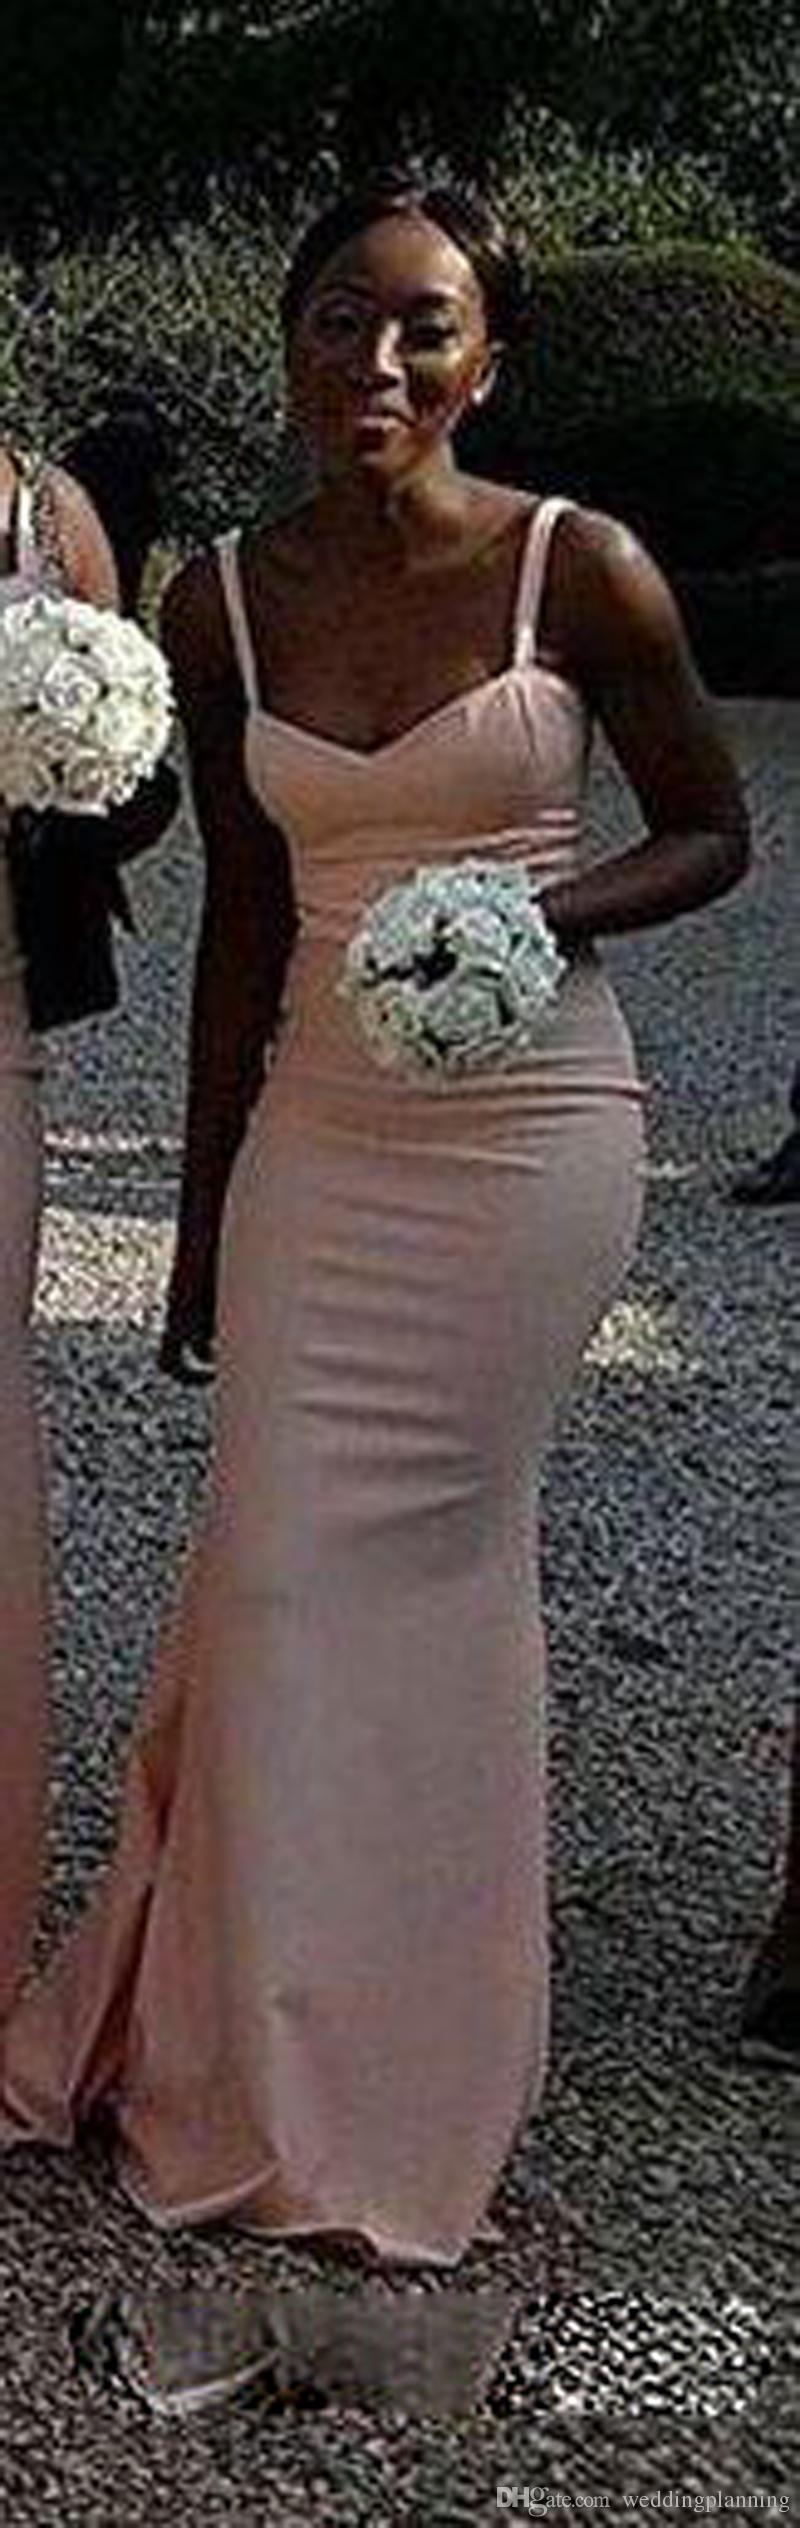 Agradável Sul Africano Dama de Honra Vestidos de Cetim Sereia Convidado Do Casamento Vestido de Cintas de Espaguete País Damas de honra Vestidos de Longo vestido madrinha